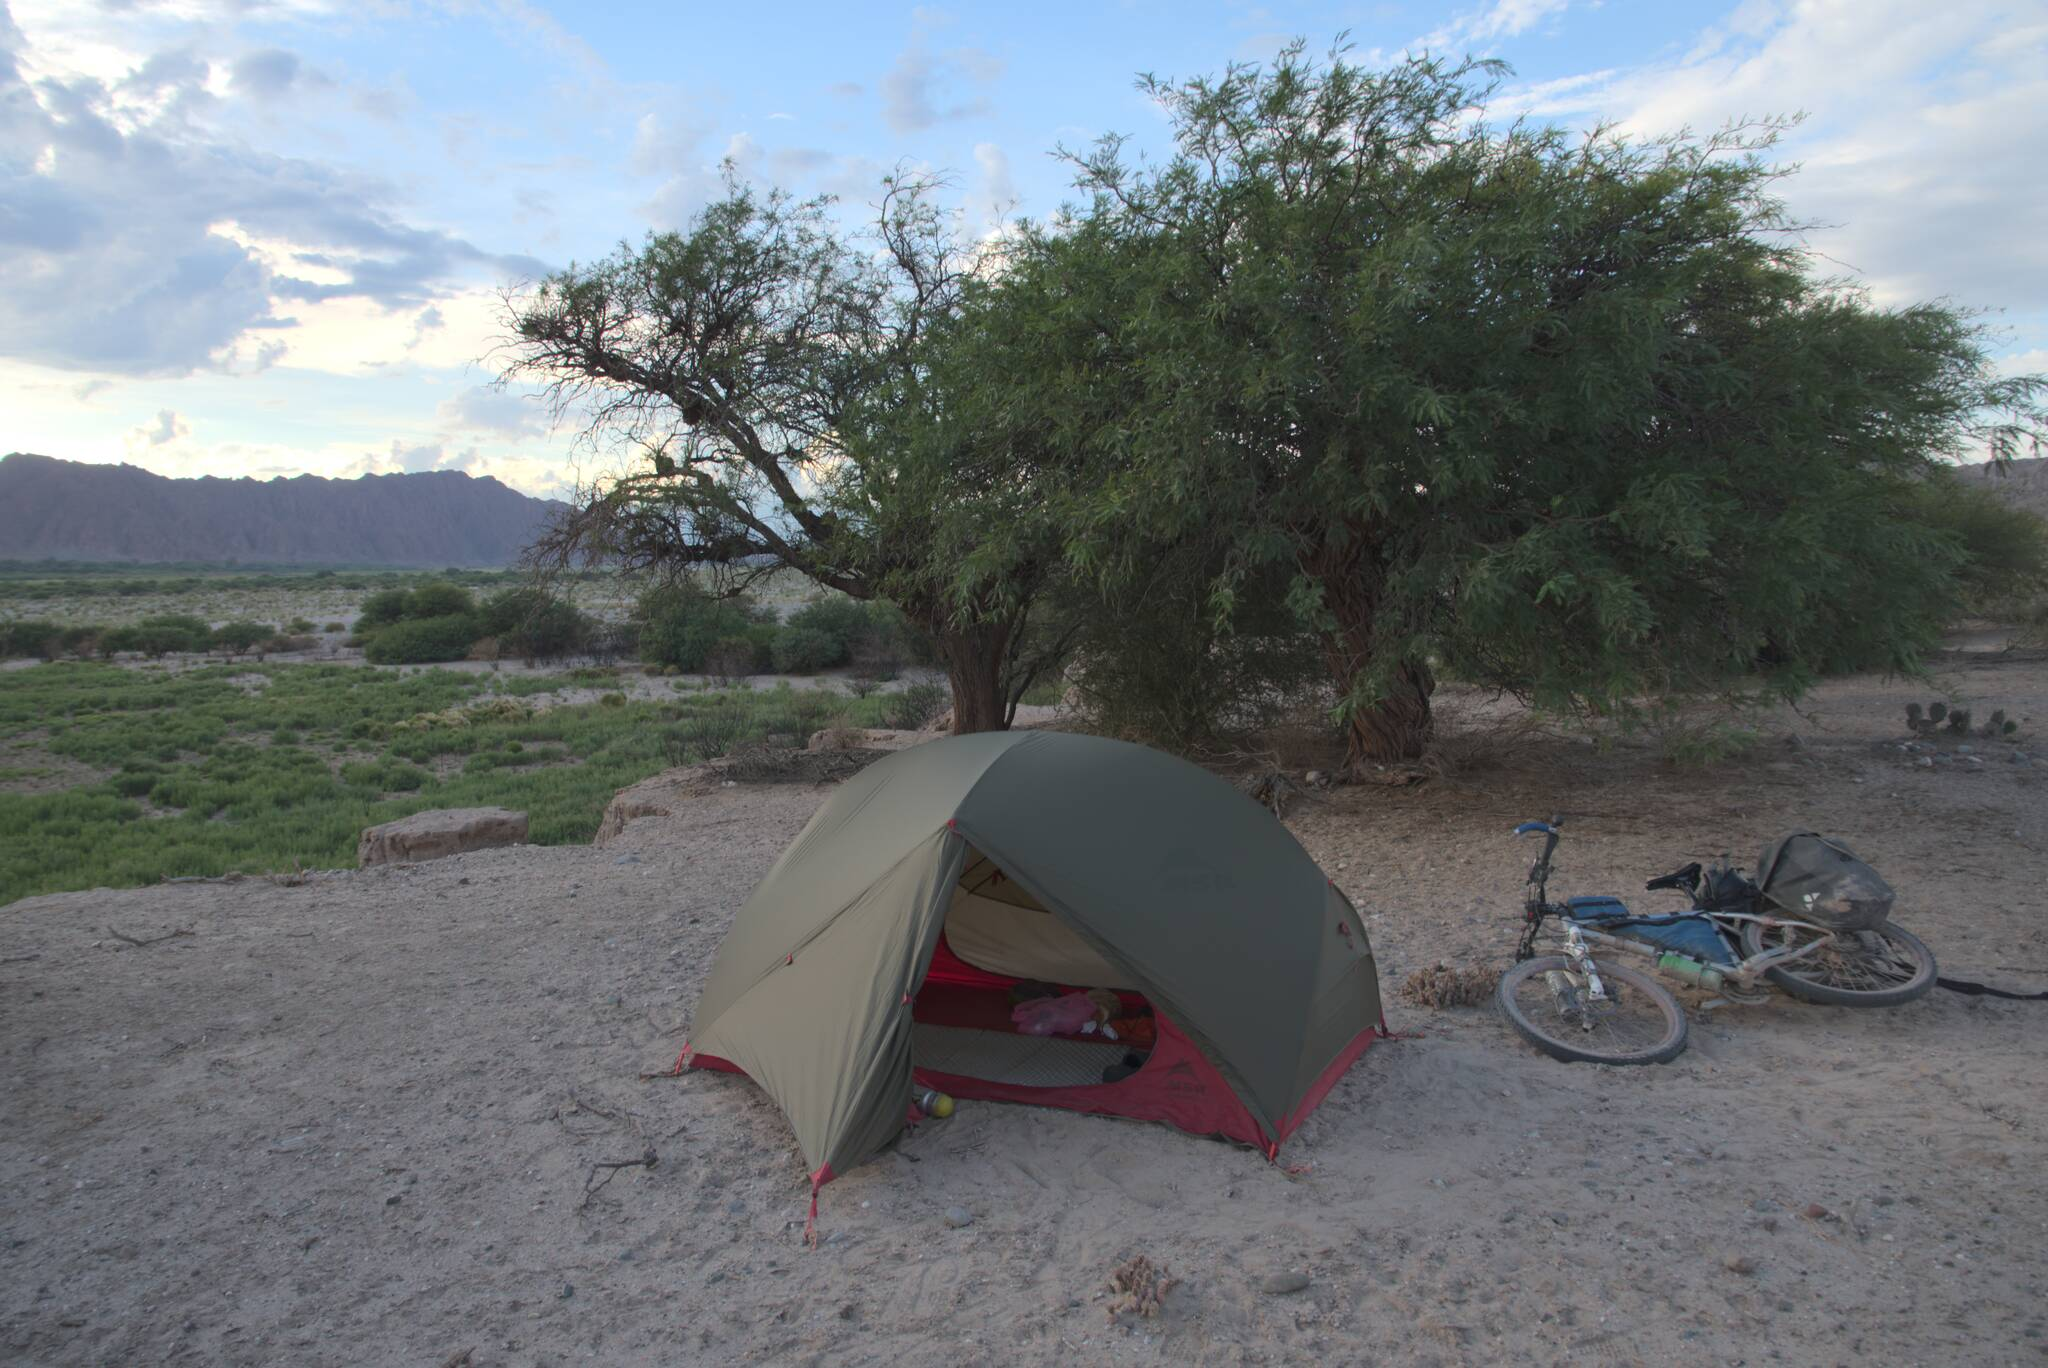 Rower w pyle i ja w pyle. Trzeba było jednak znaleźć jakieś miejsce bez kaktusów i śladów po okresowych strumieniach